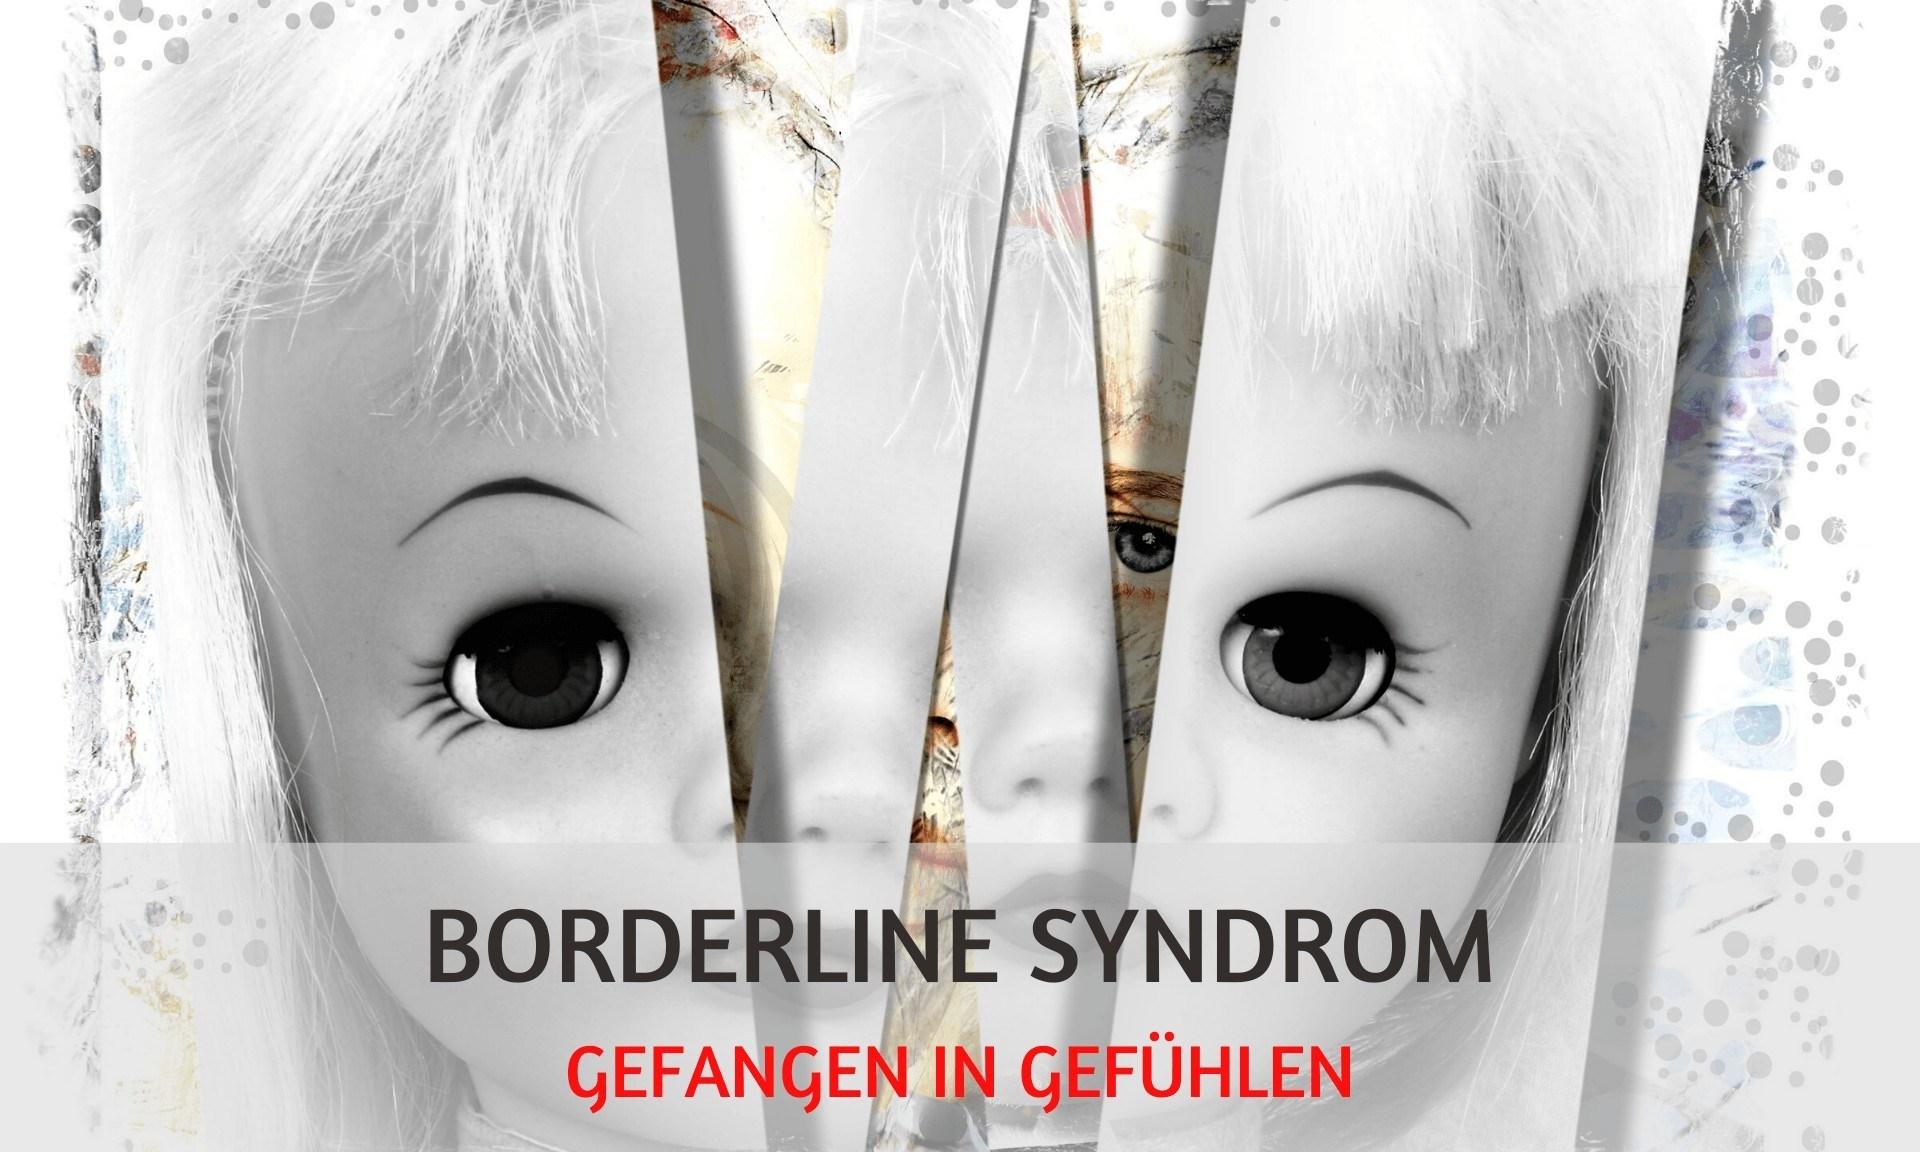 Borderline beziehung und narzissmus guartyportio: Borderline